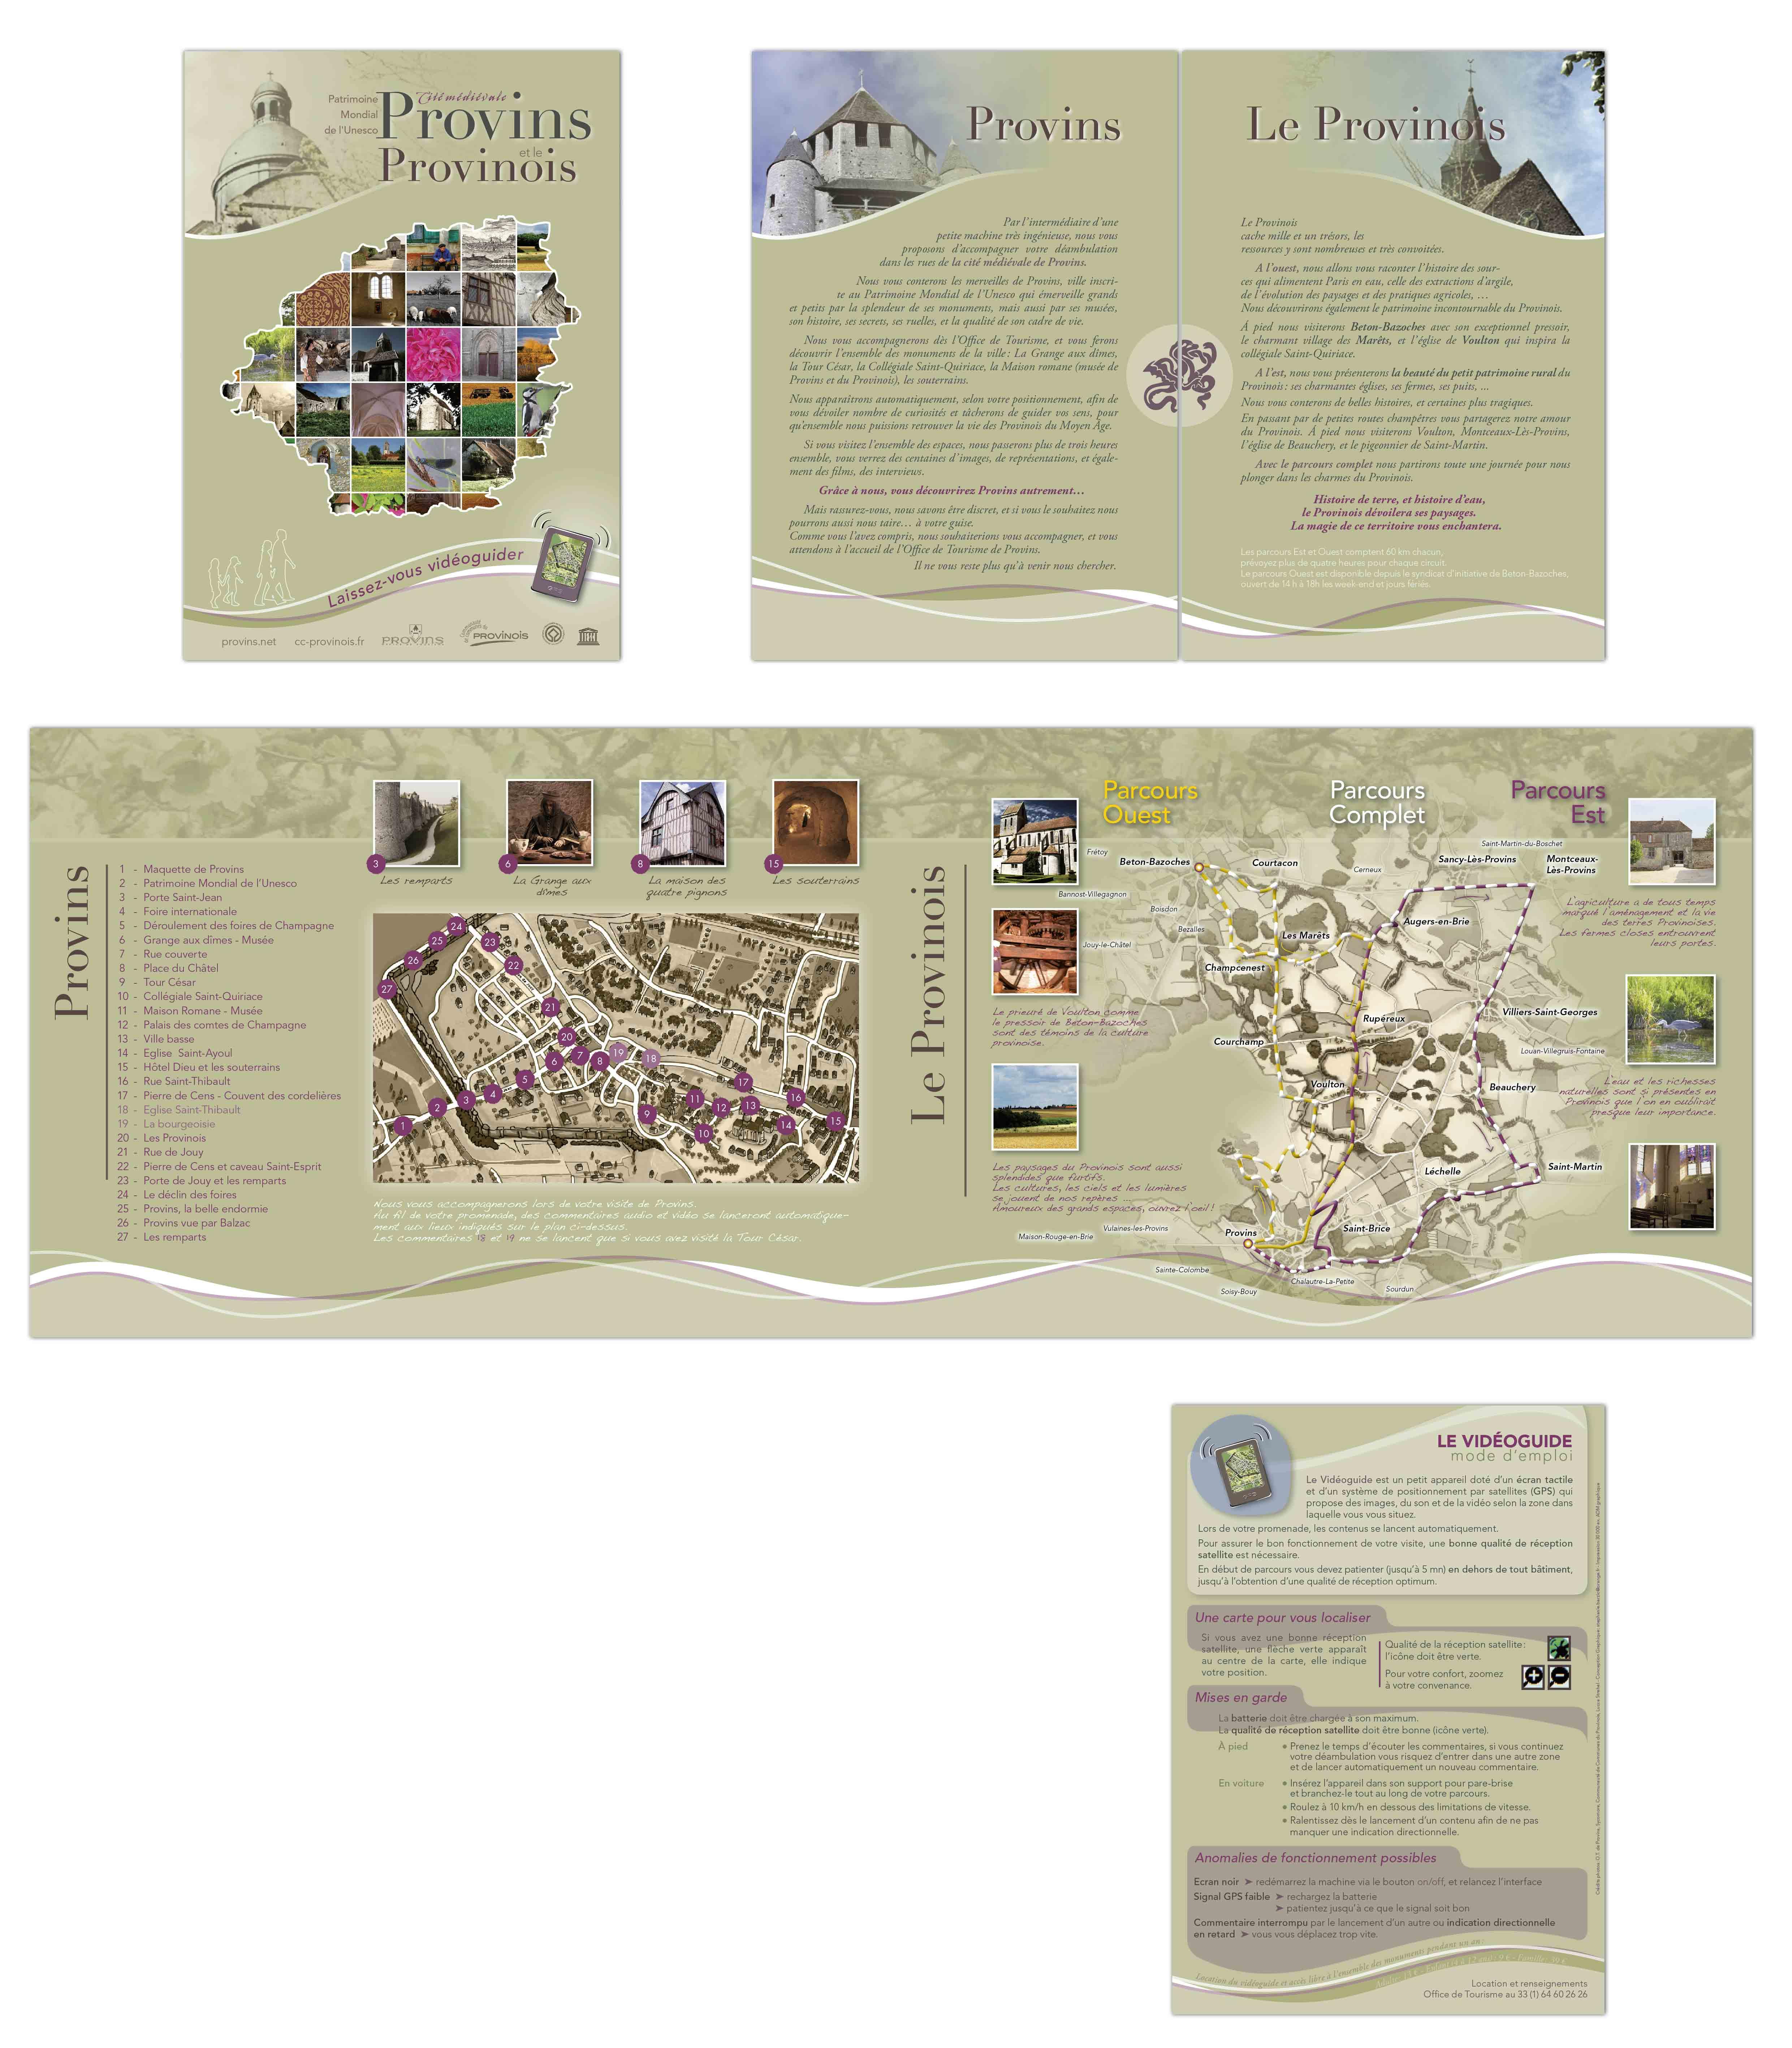 Création graphique, cartographie dépliant touristique pour l'Office du tourisme de Provins et du Provinois